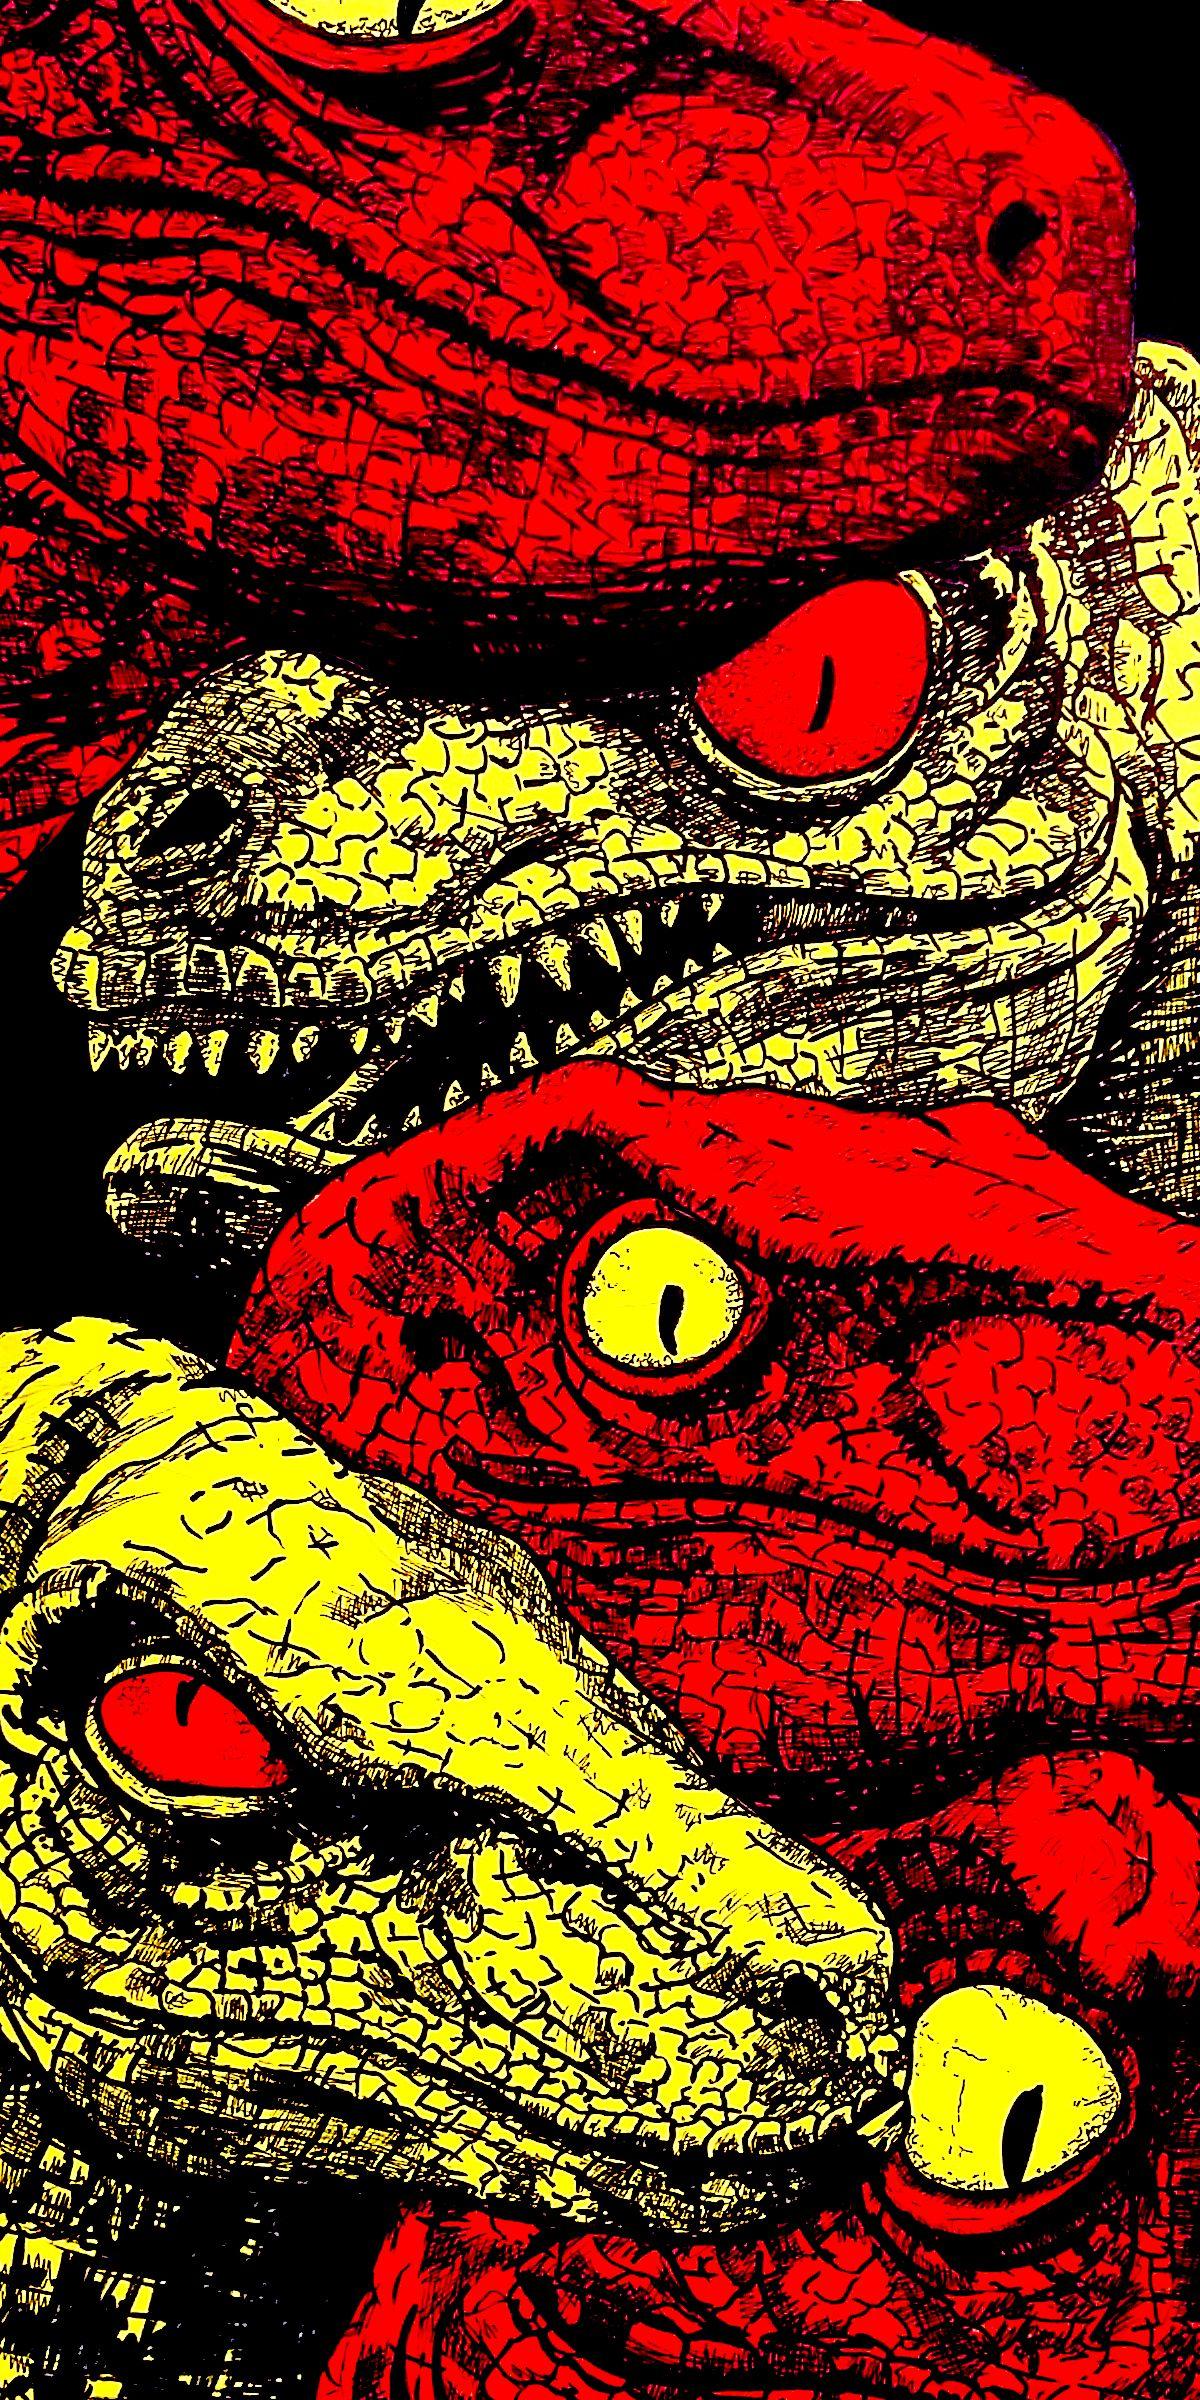 Jurassic World Dinosaurs, Jurassic Park World, Raptor Dinosaur, Dinosaur Wallpaper